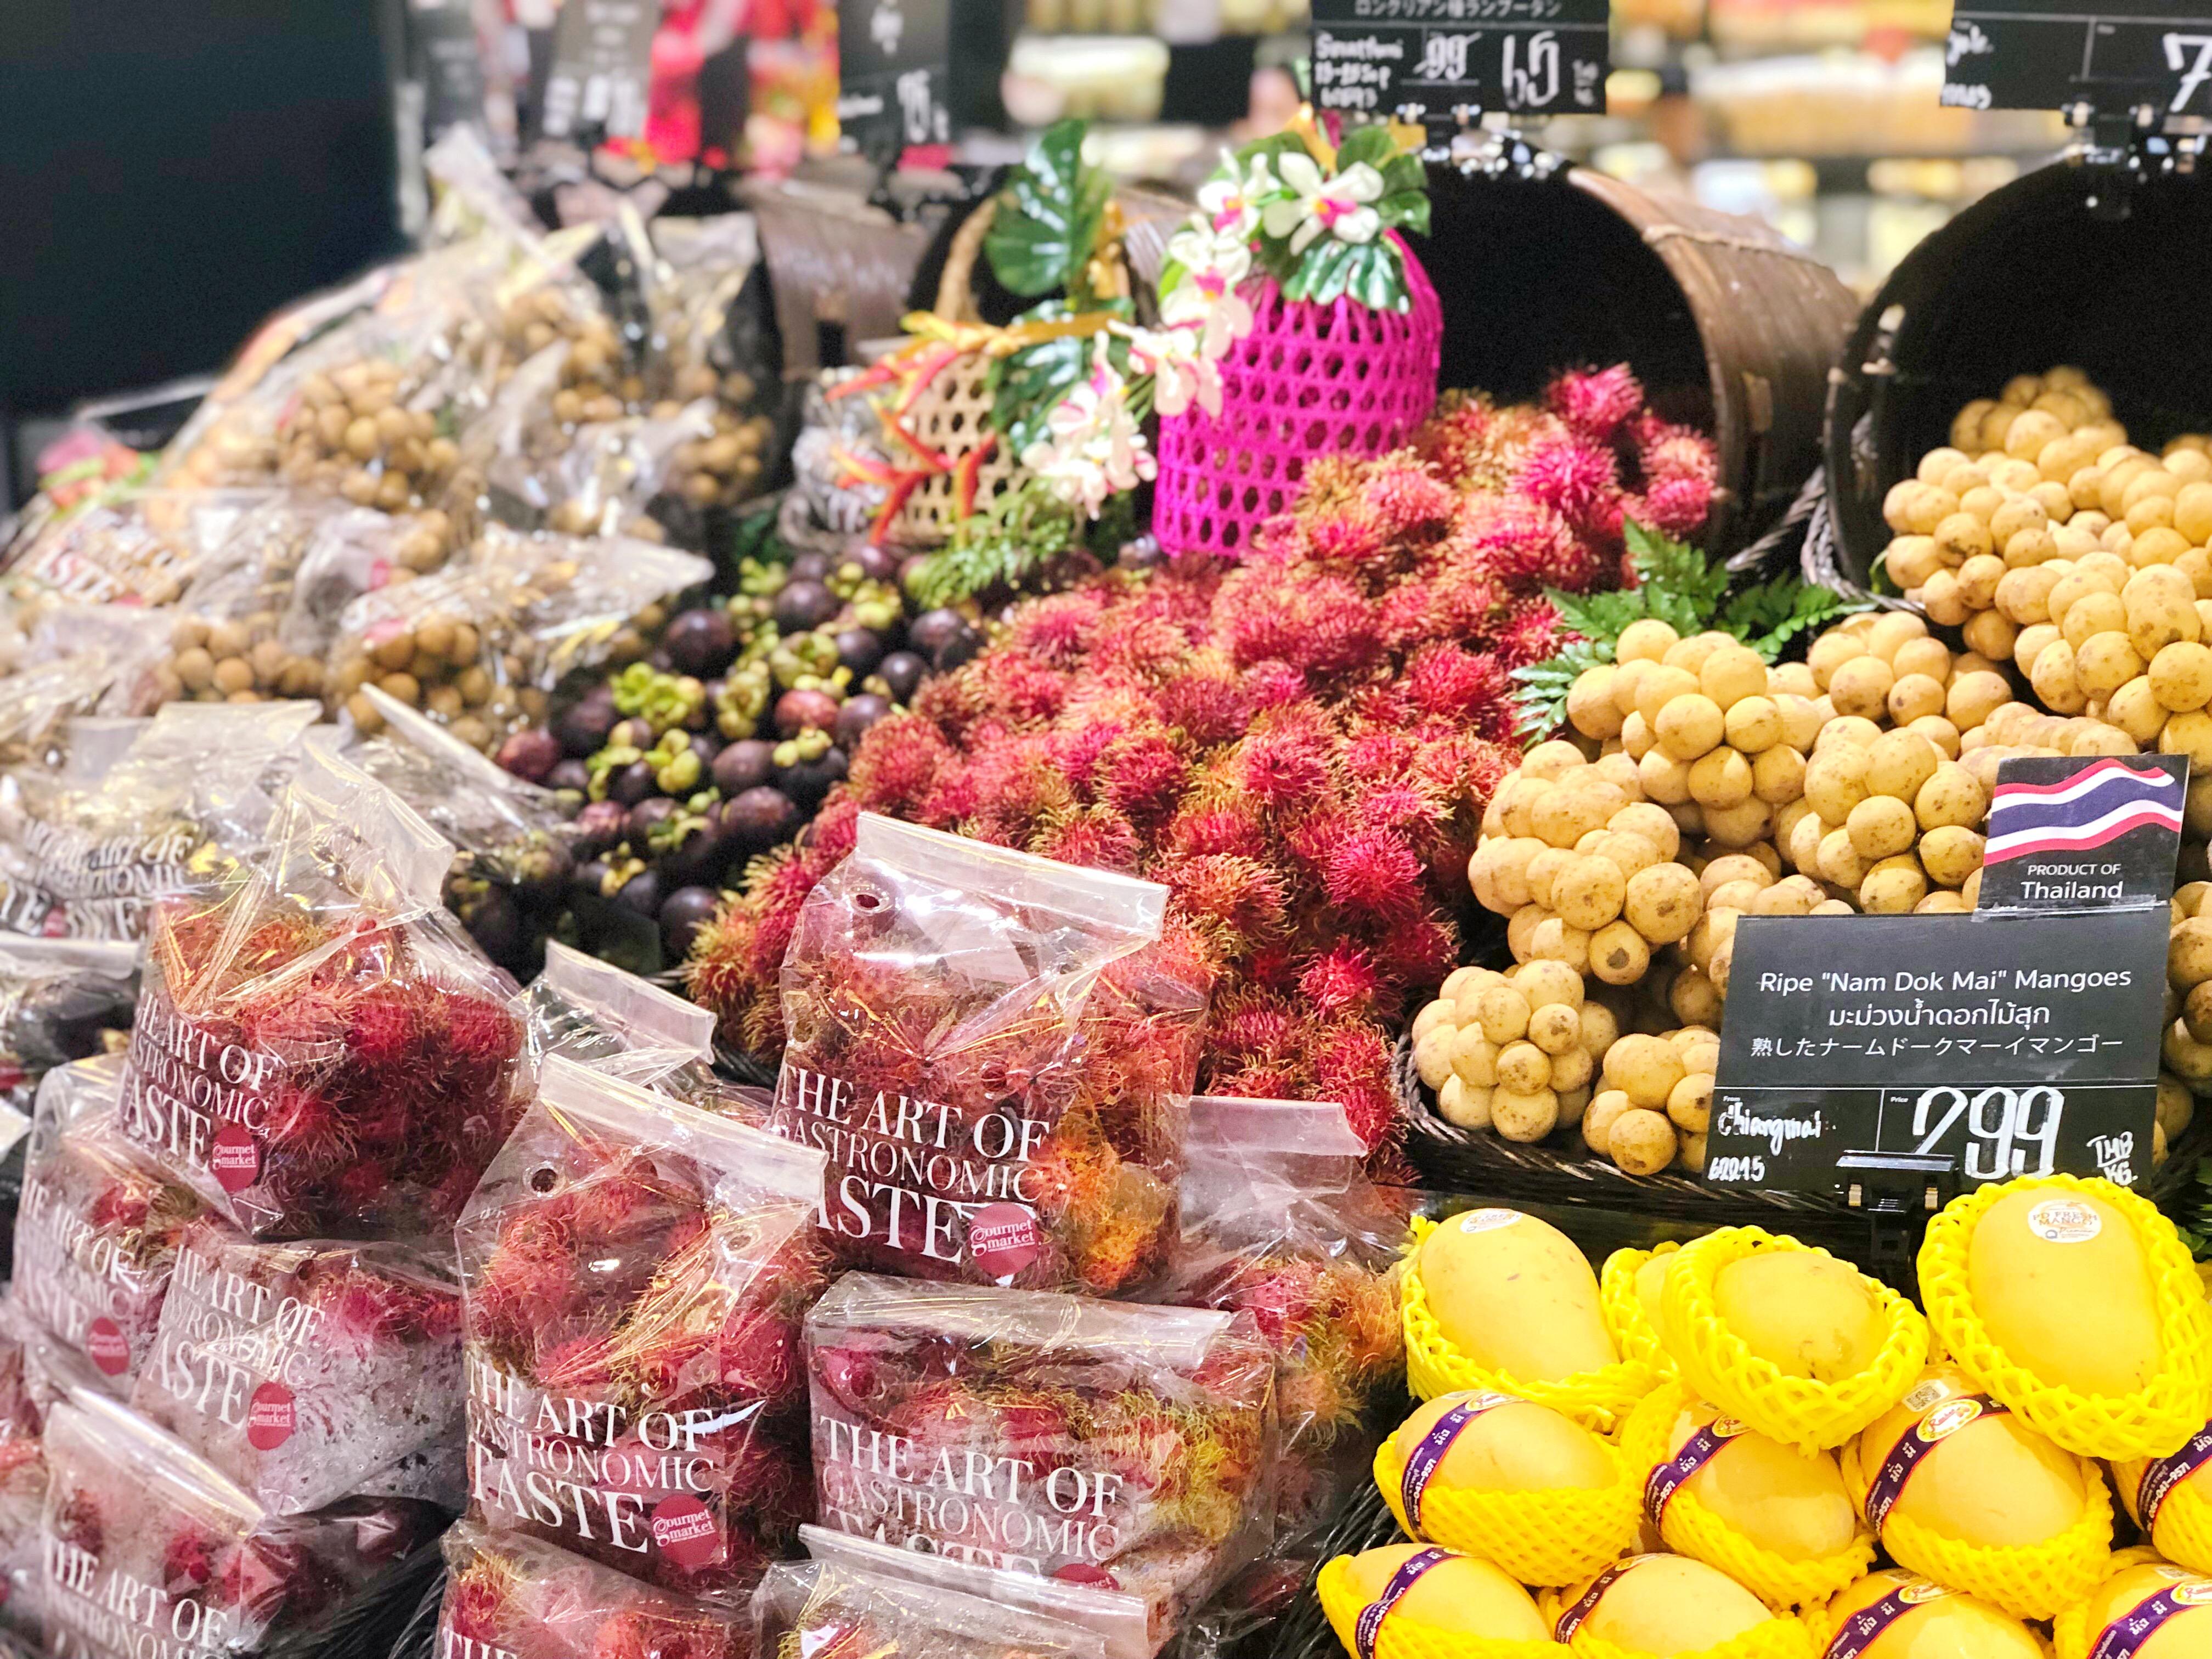 タイの果物は美容に効果抜群!美味しいフルーツでキレイになる♡